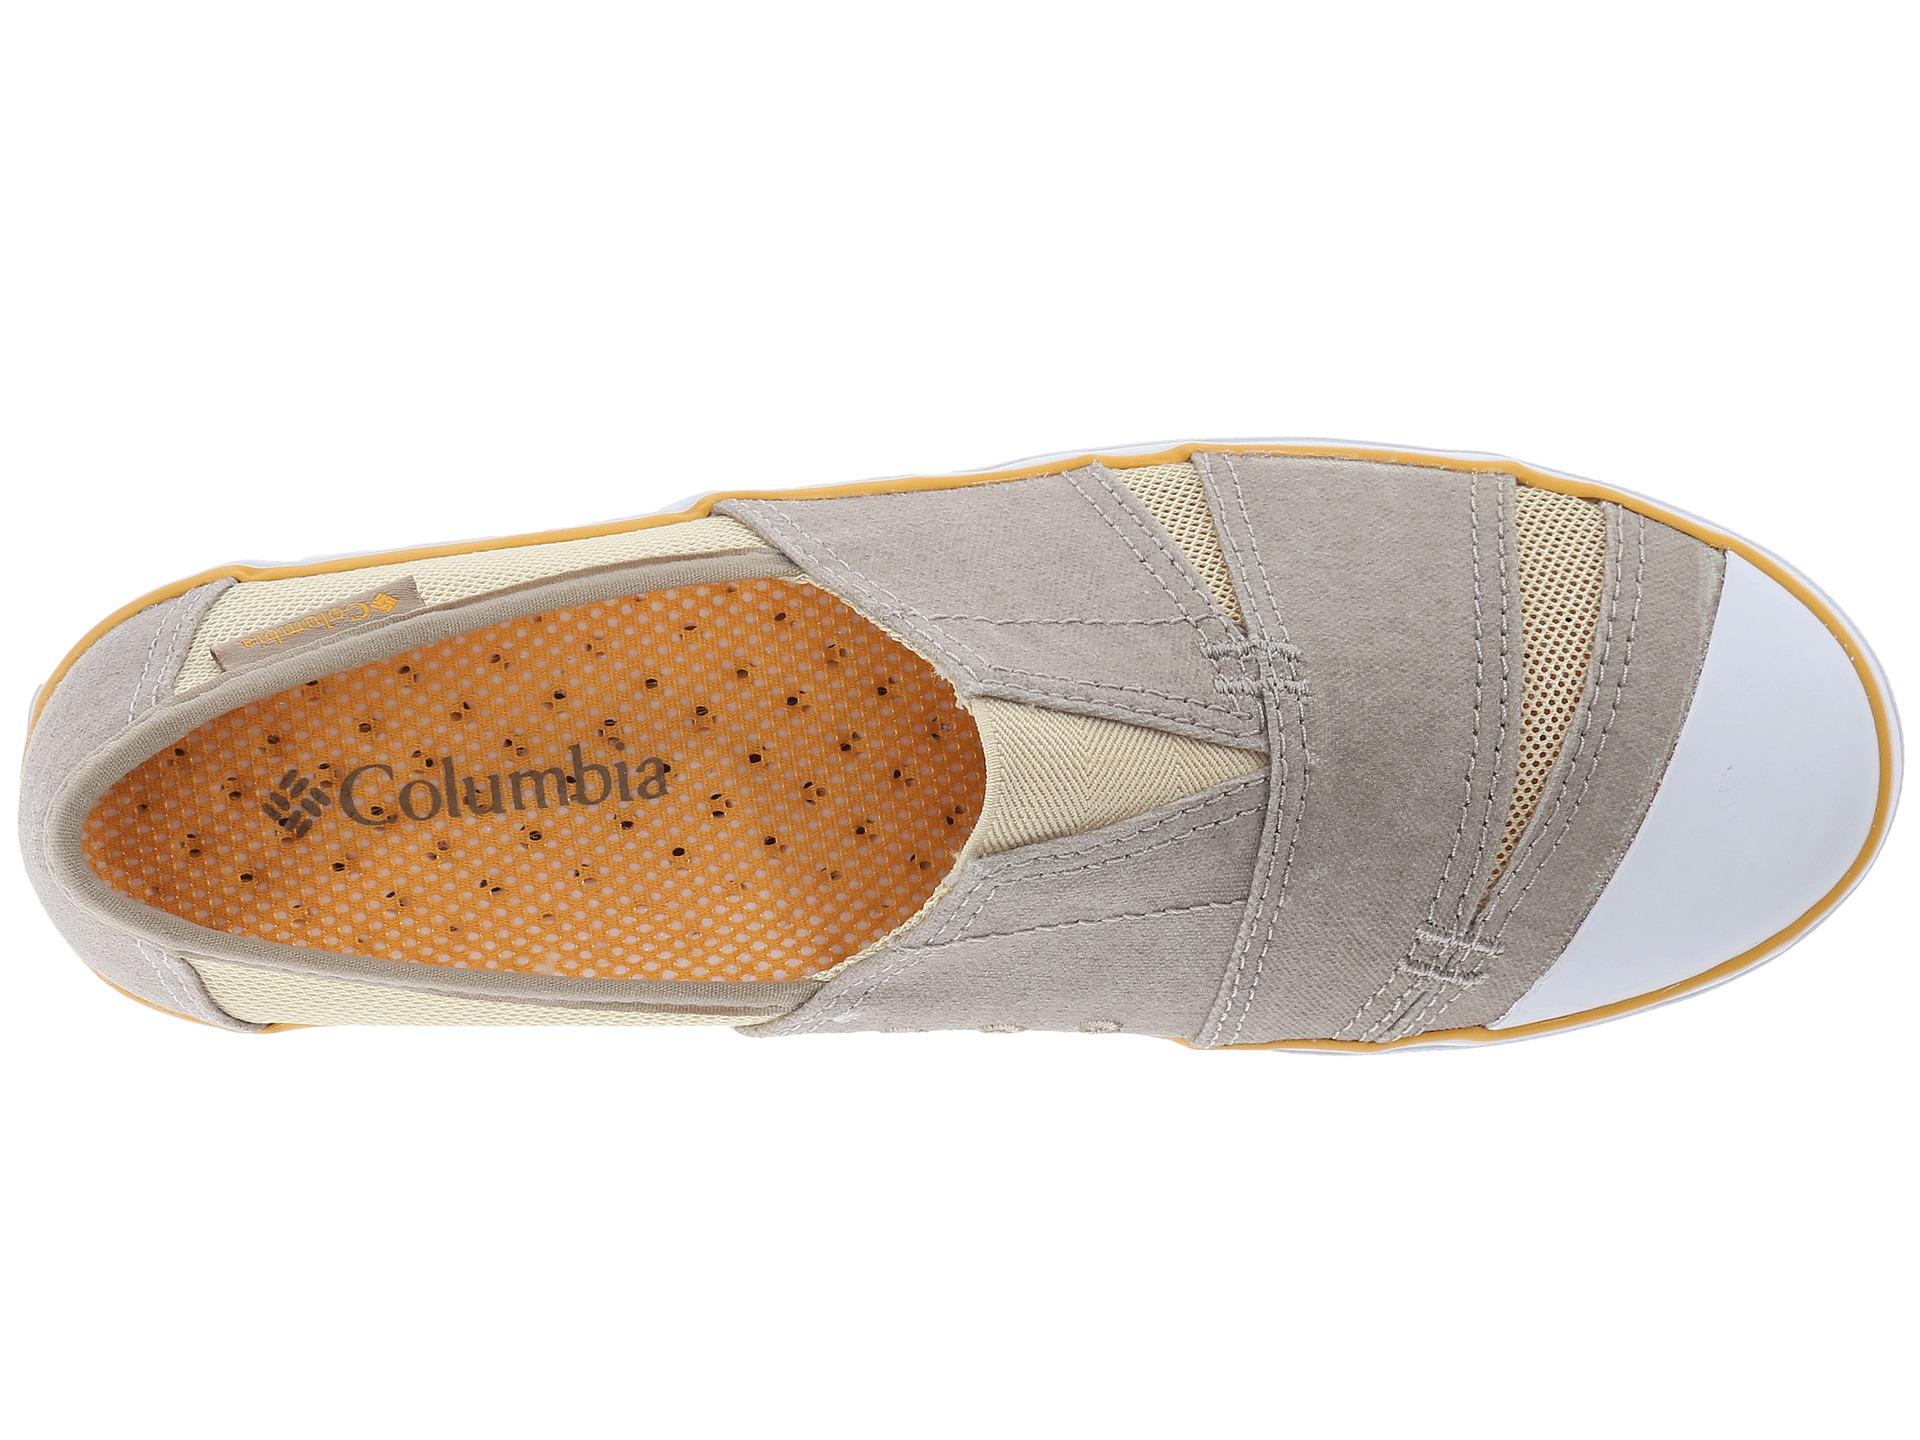 Columbia Vulc N Vent Slip Light Grey Candy Mint Zappos